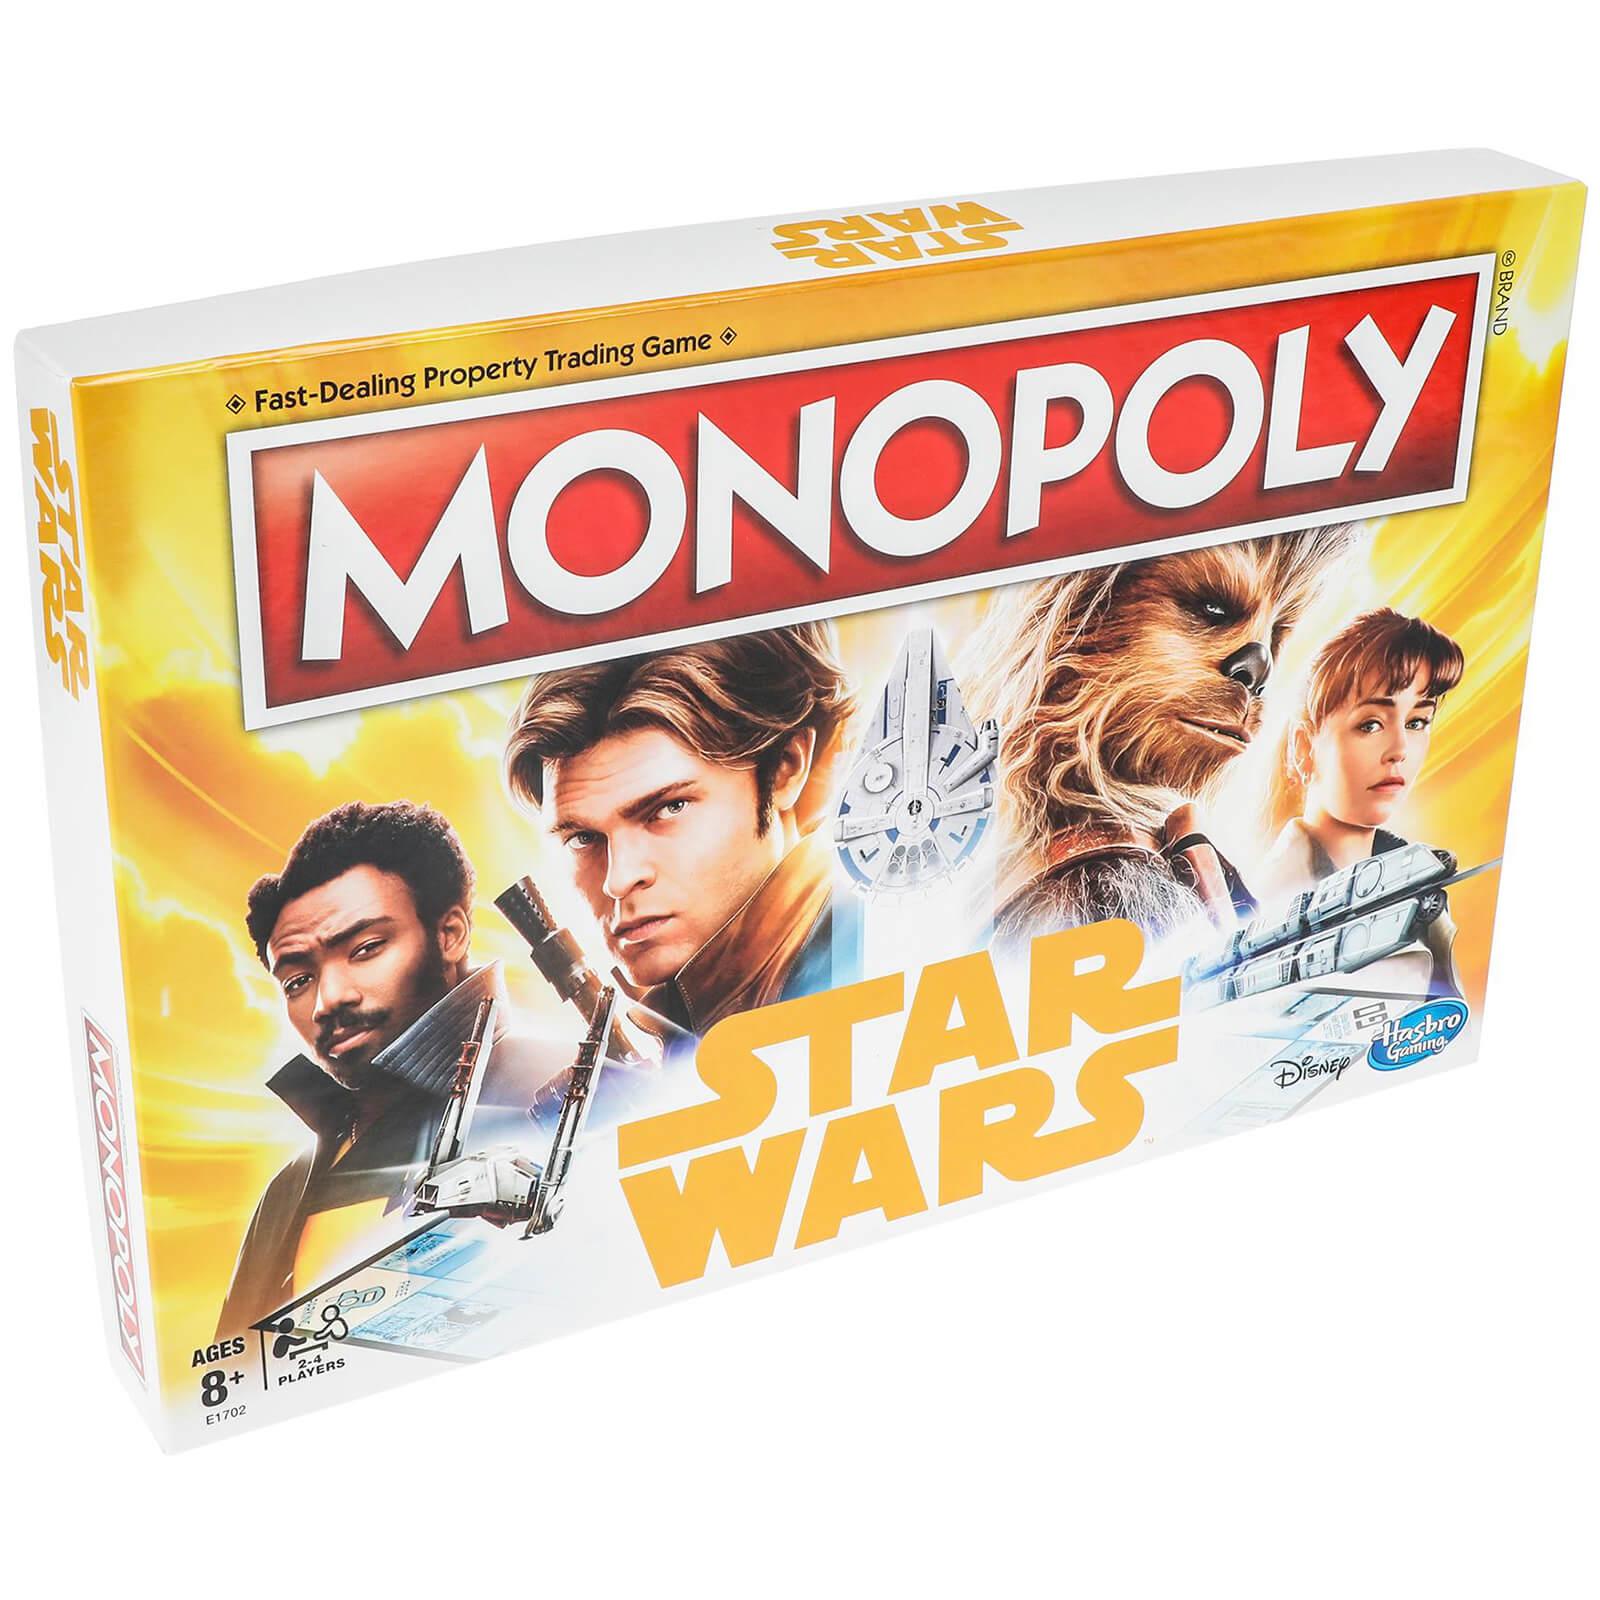 Monopoly: Star Wars por 14,49€, The Hobbit por 15,49€ y Mario Kart por 17,99€